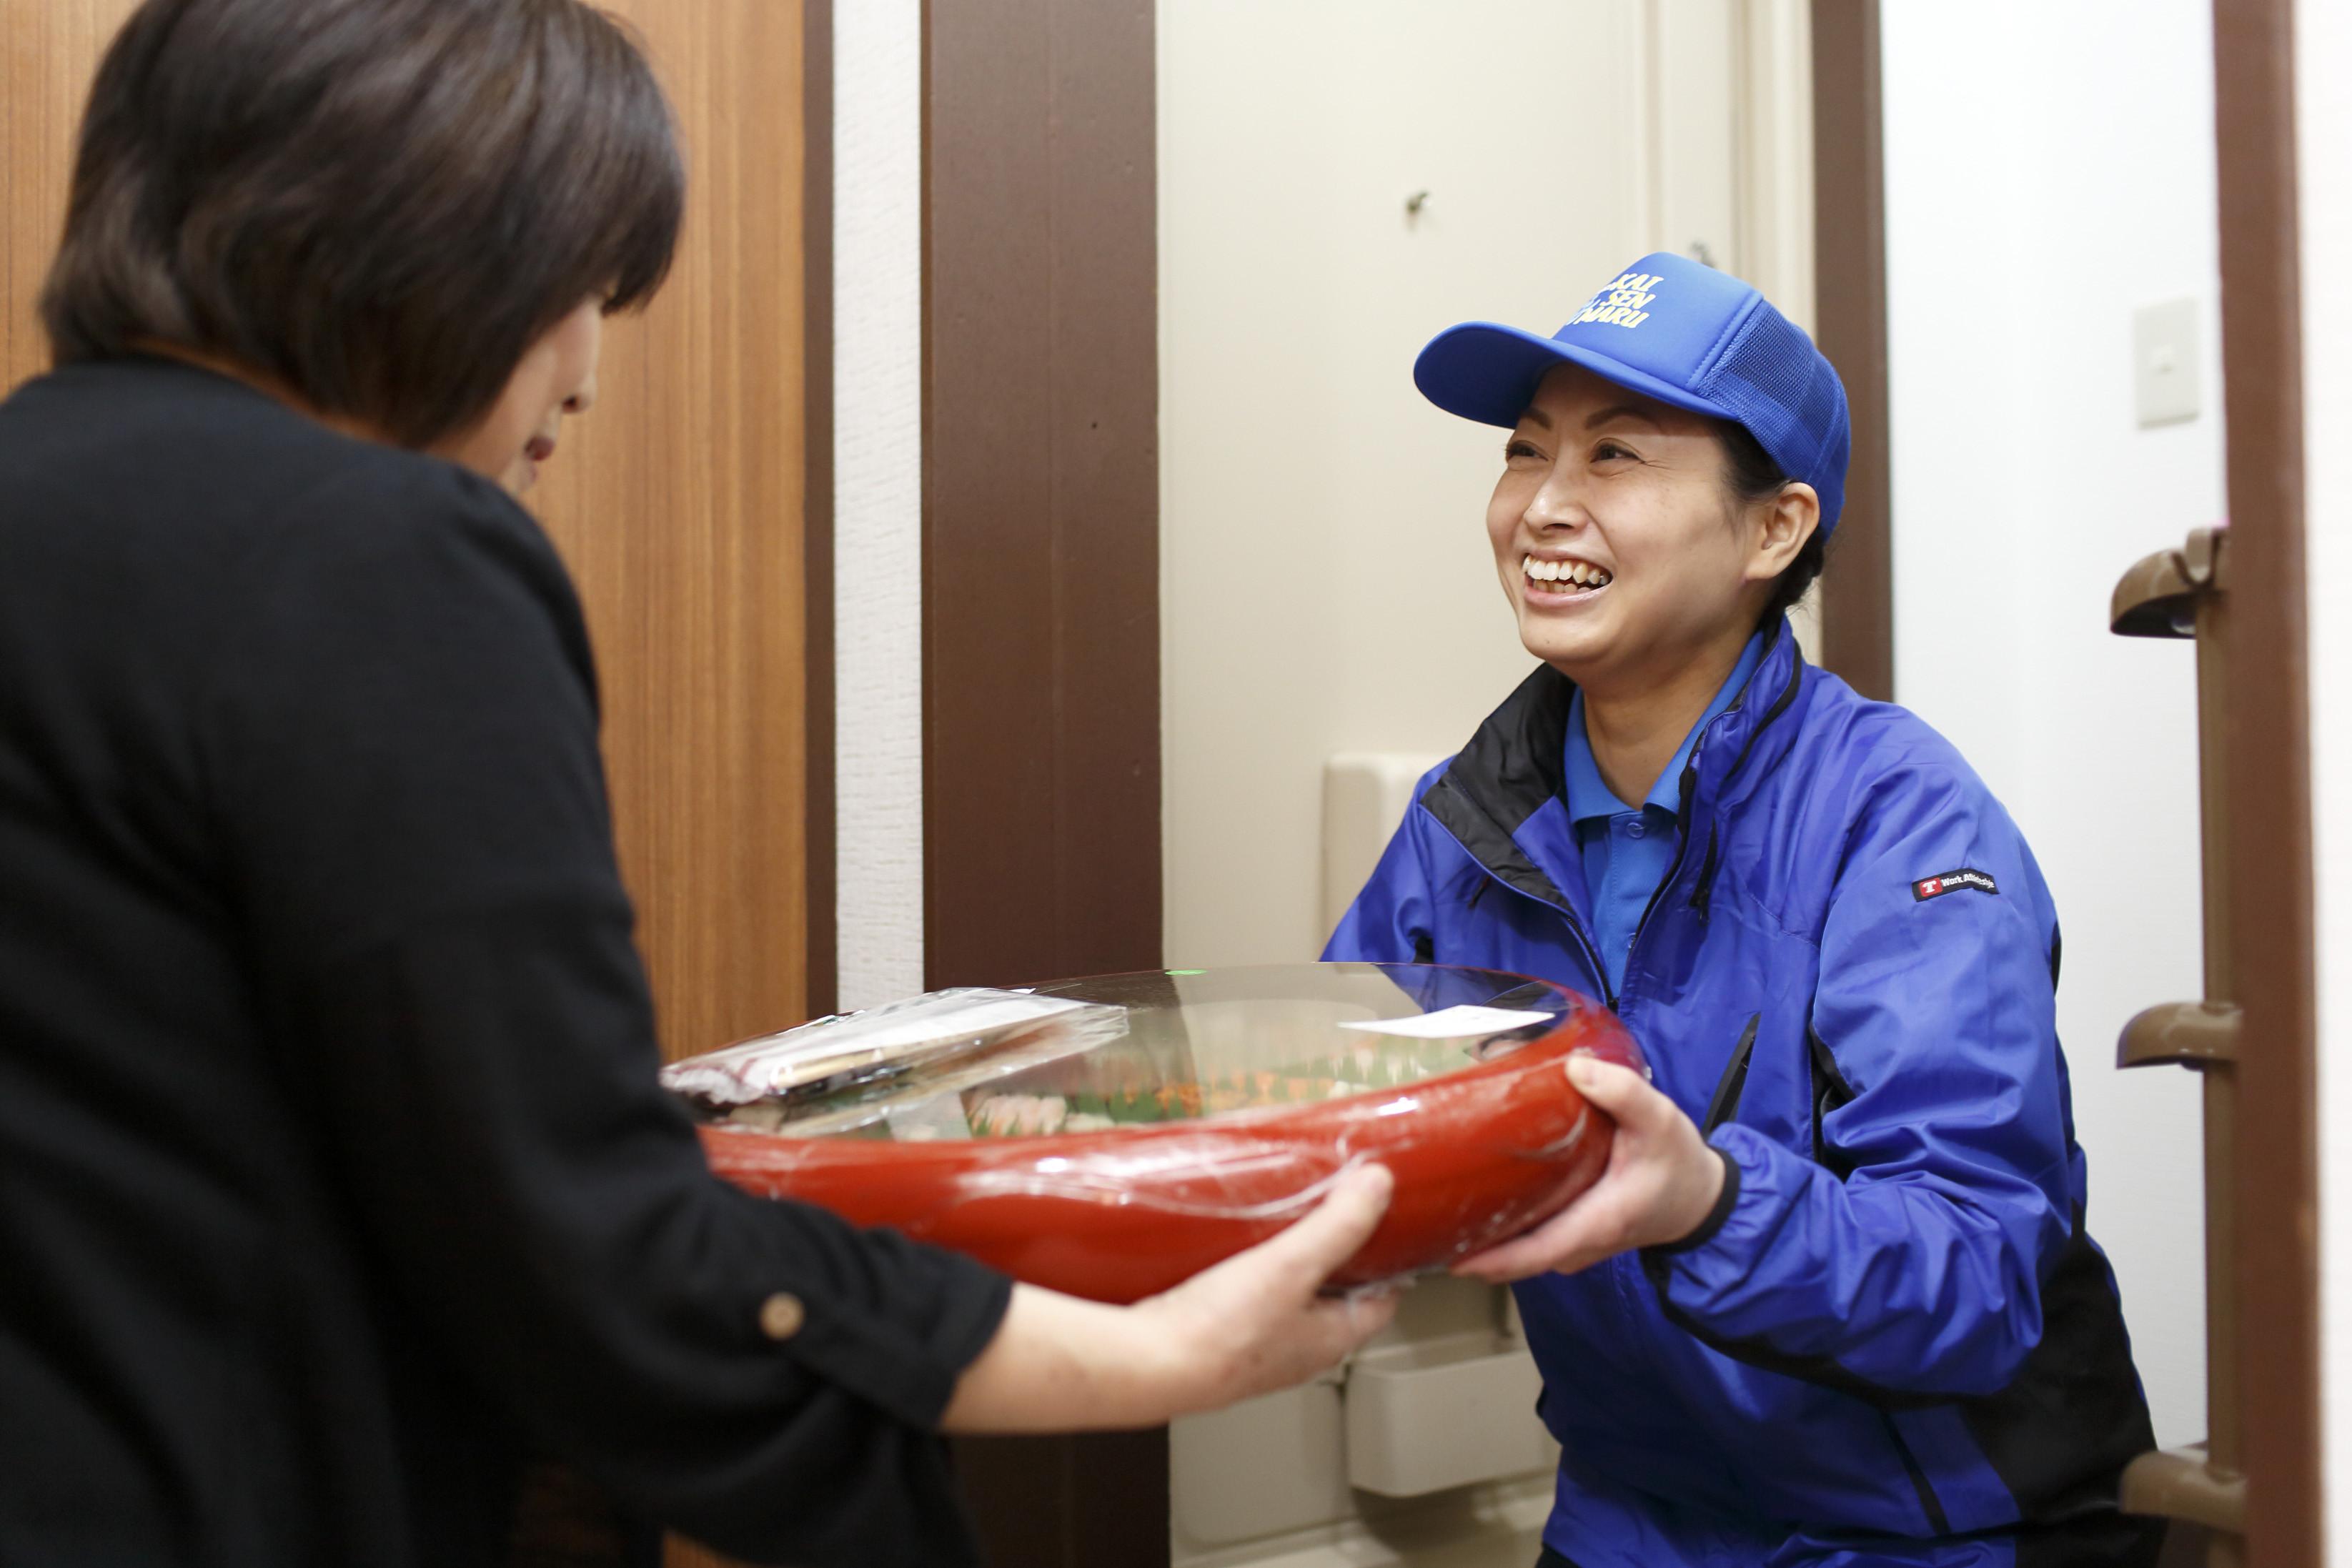 札幌海鮮丸 余市店 デリバリー(配達)スタッフのアルバイト情報